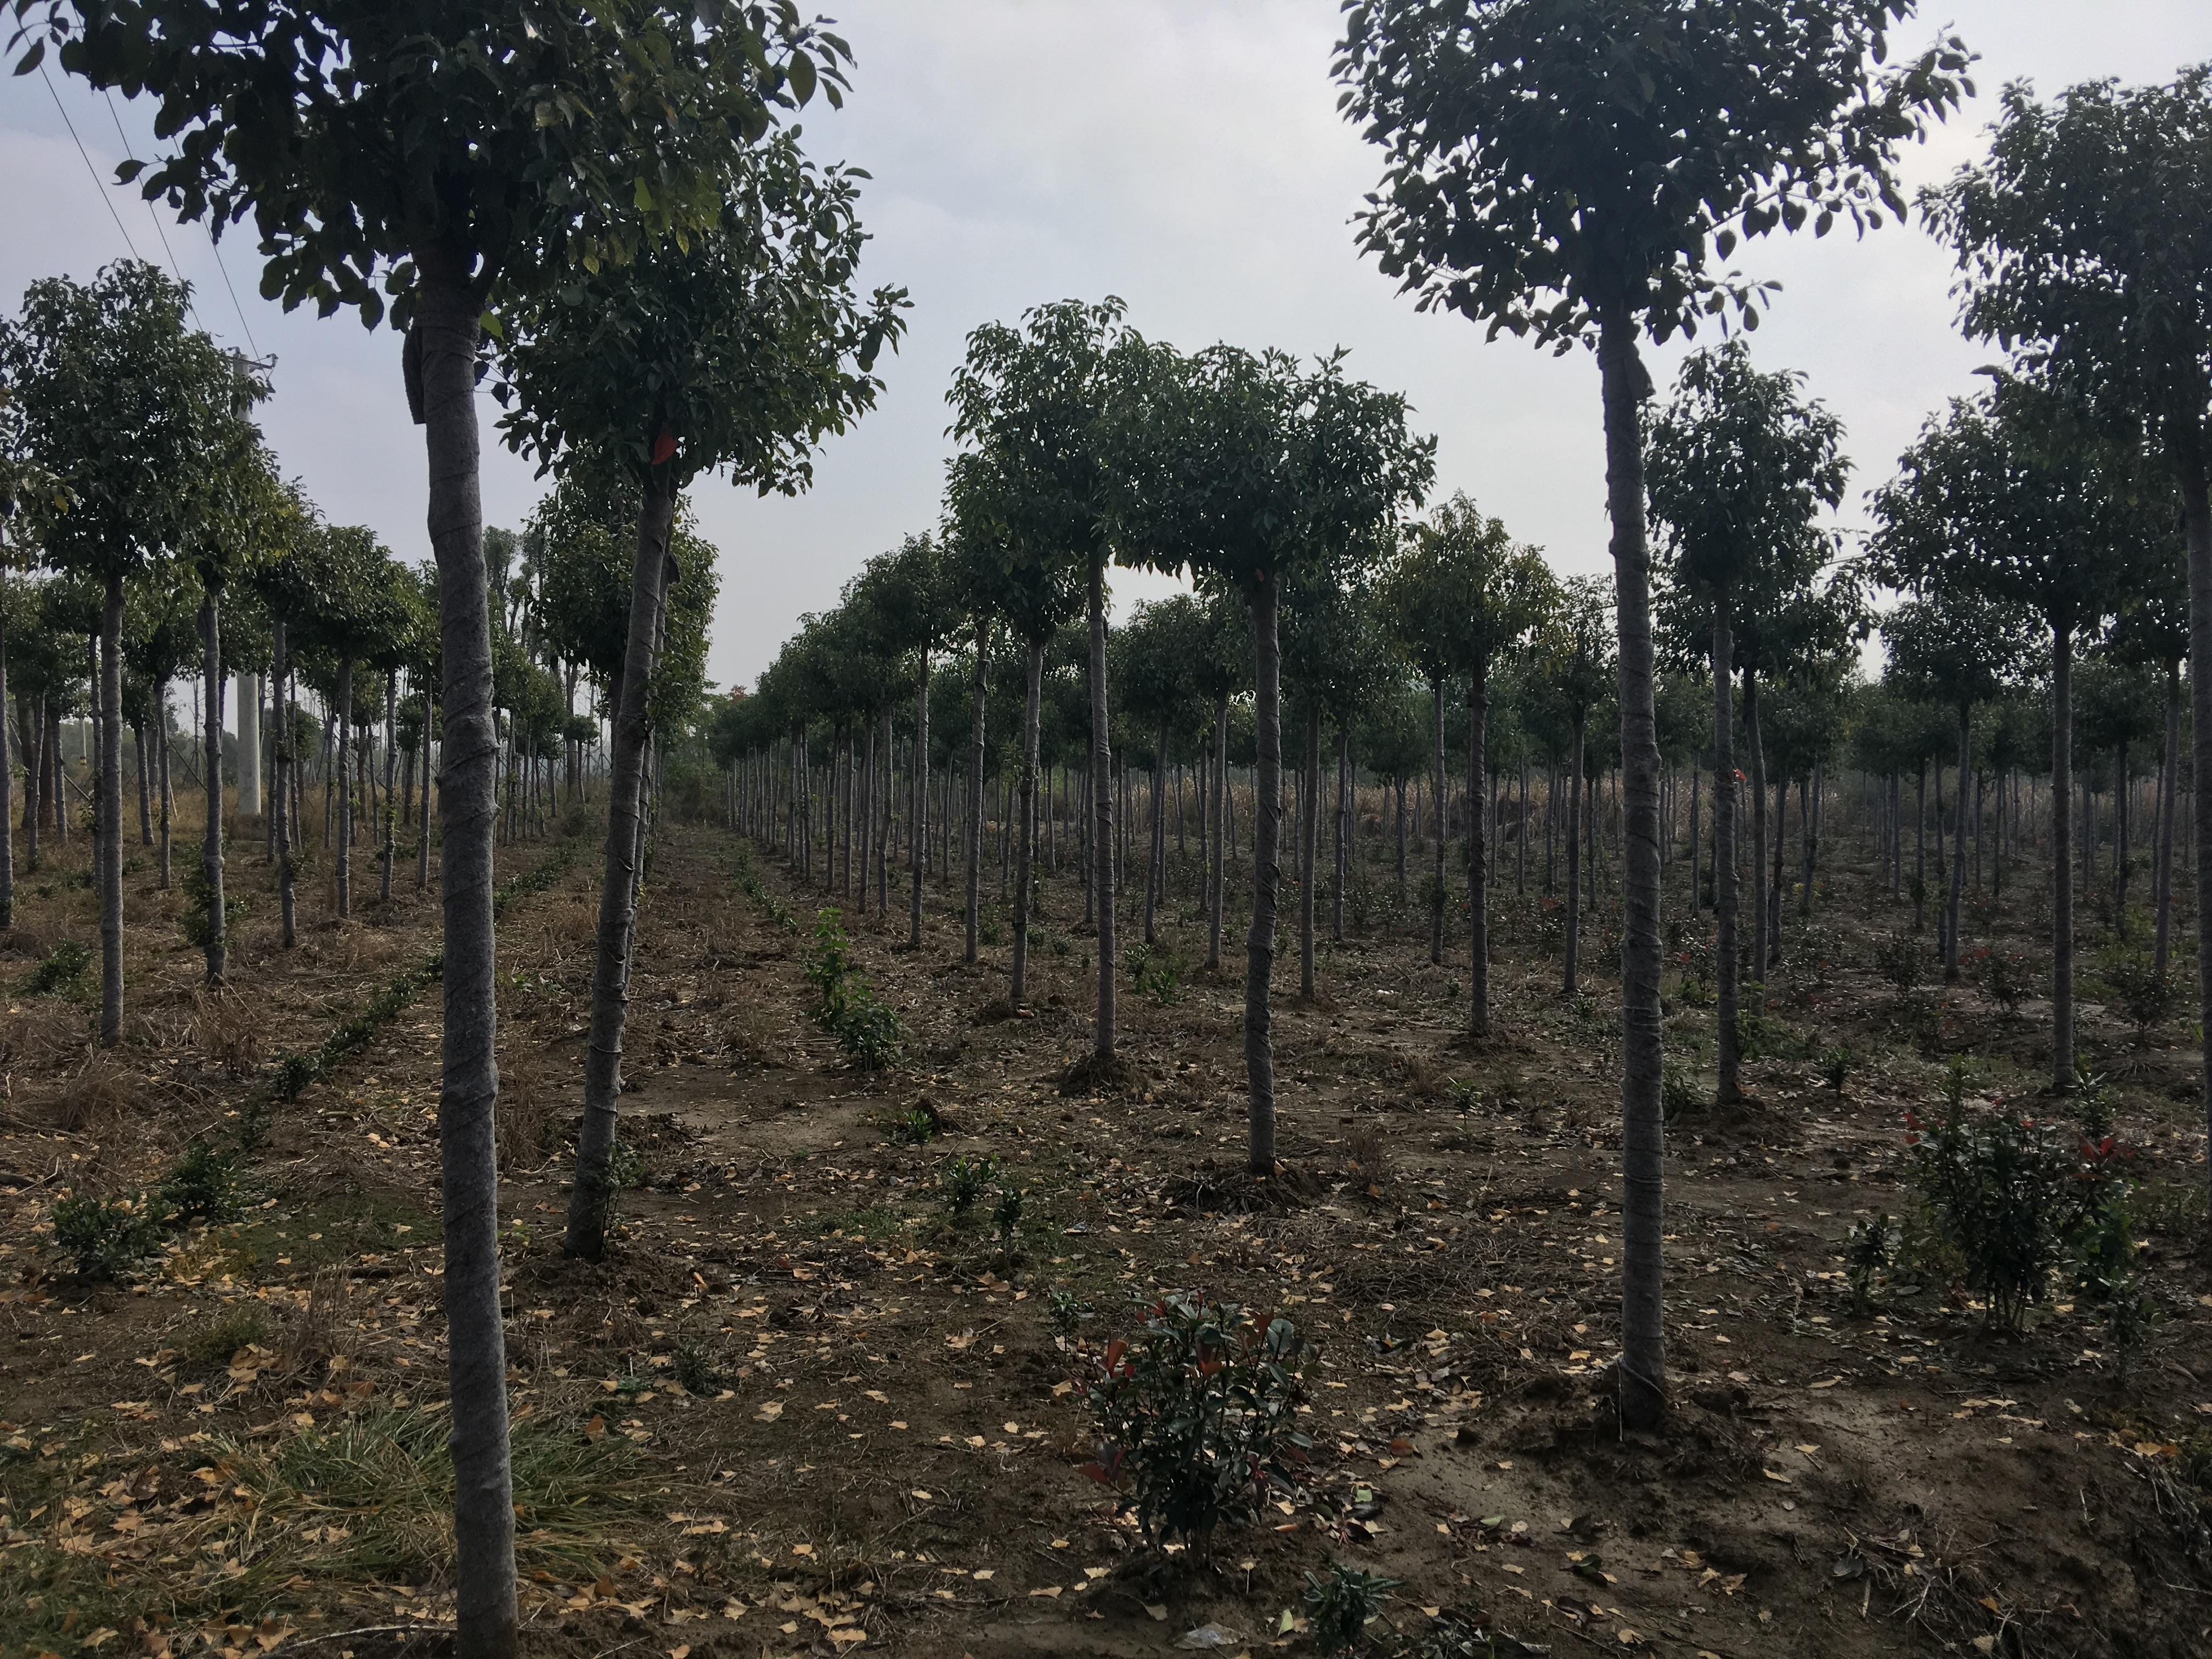 香樟树-助农香樟树基地-助农香樟树多少钱-助农香樟树价格 香樟树基地